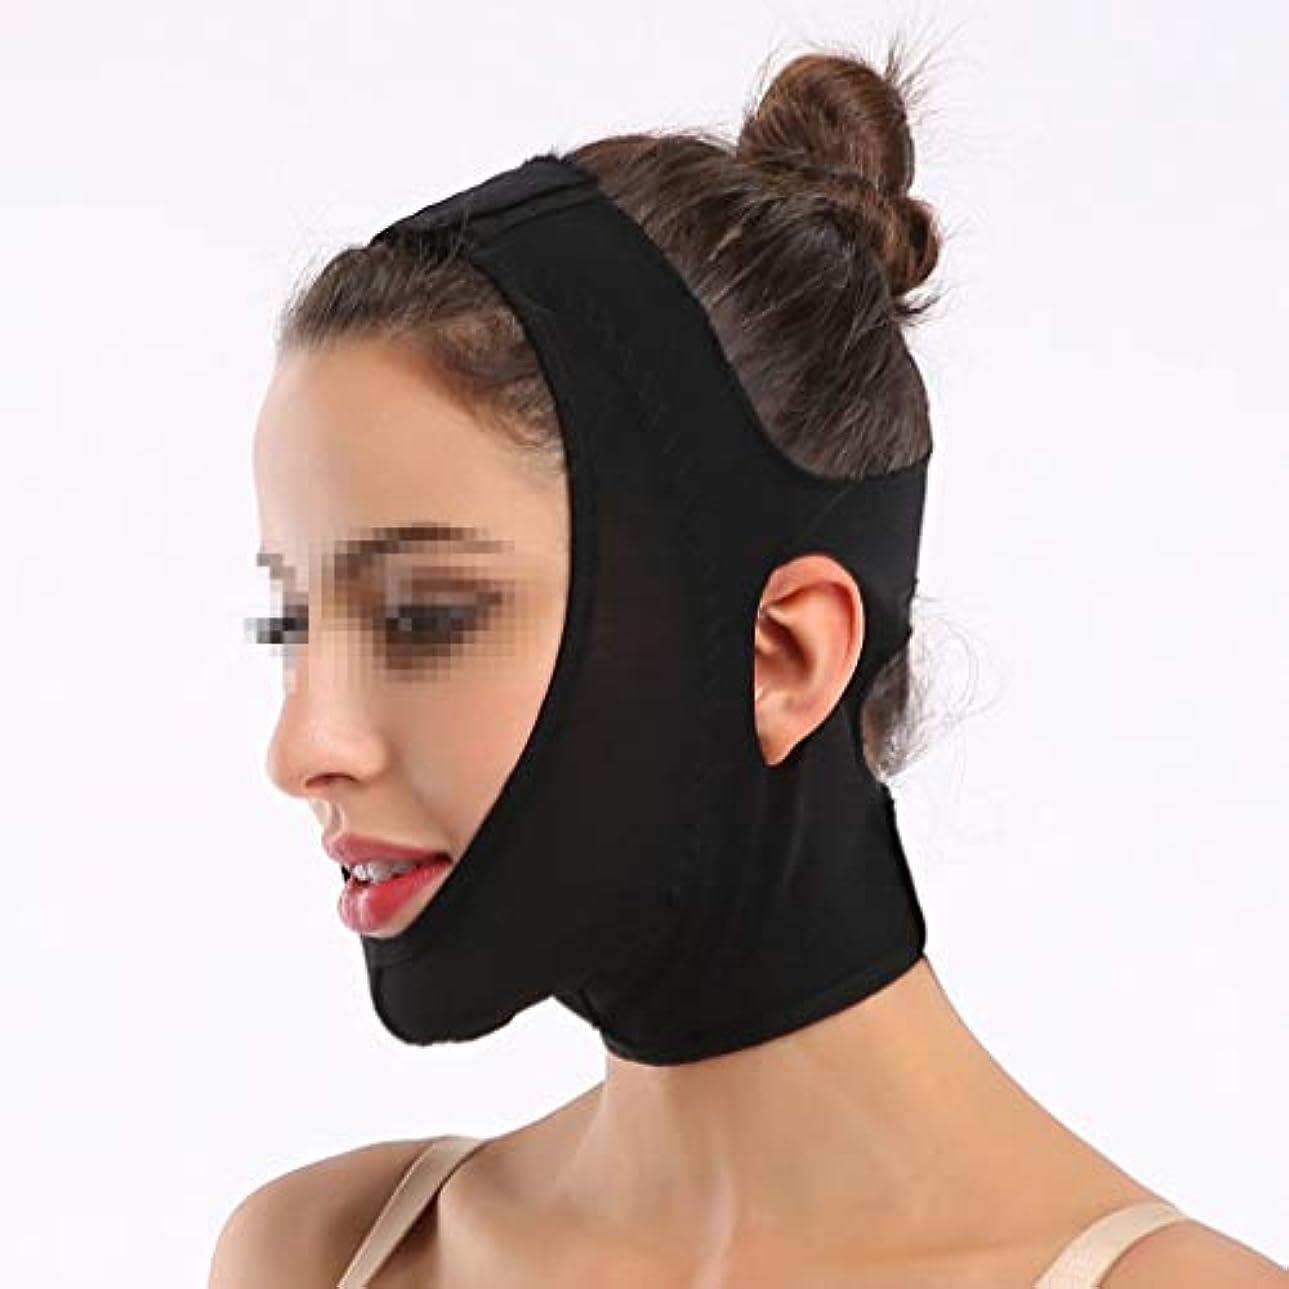 一緒高度反論Vフェイスマスク、包帯マスクを持ち上げて引き締めるスキニービューティーサロン1日2時間Vフェイスマッサージ術後回復